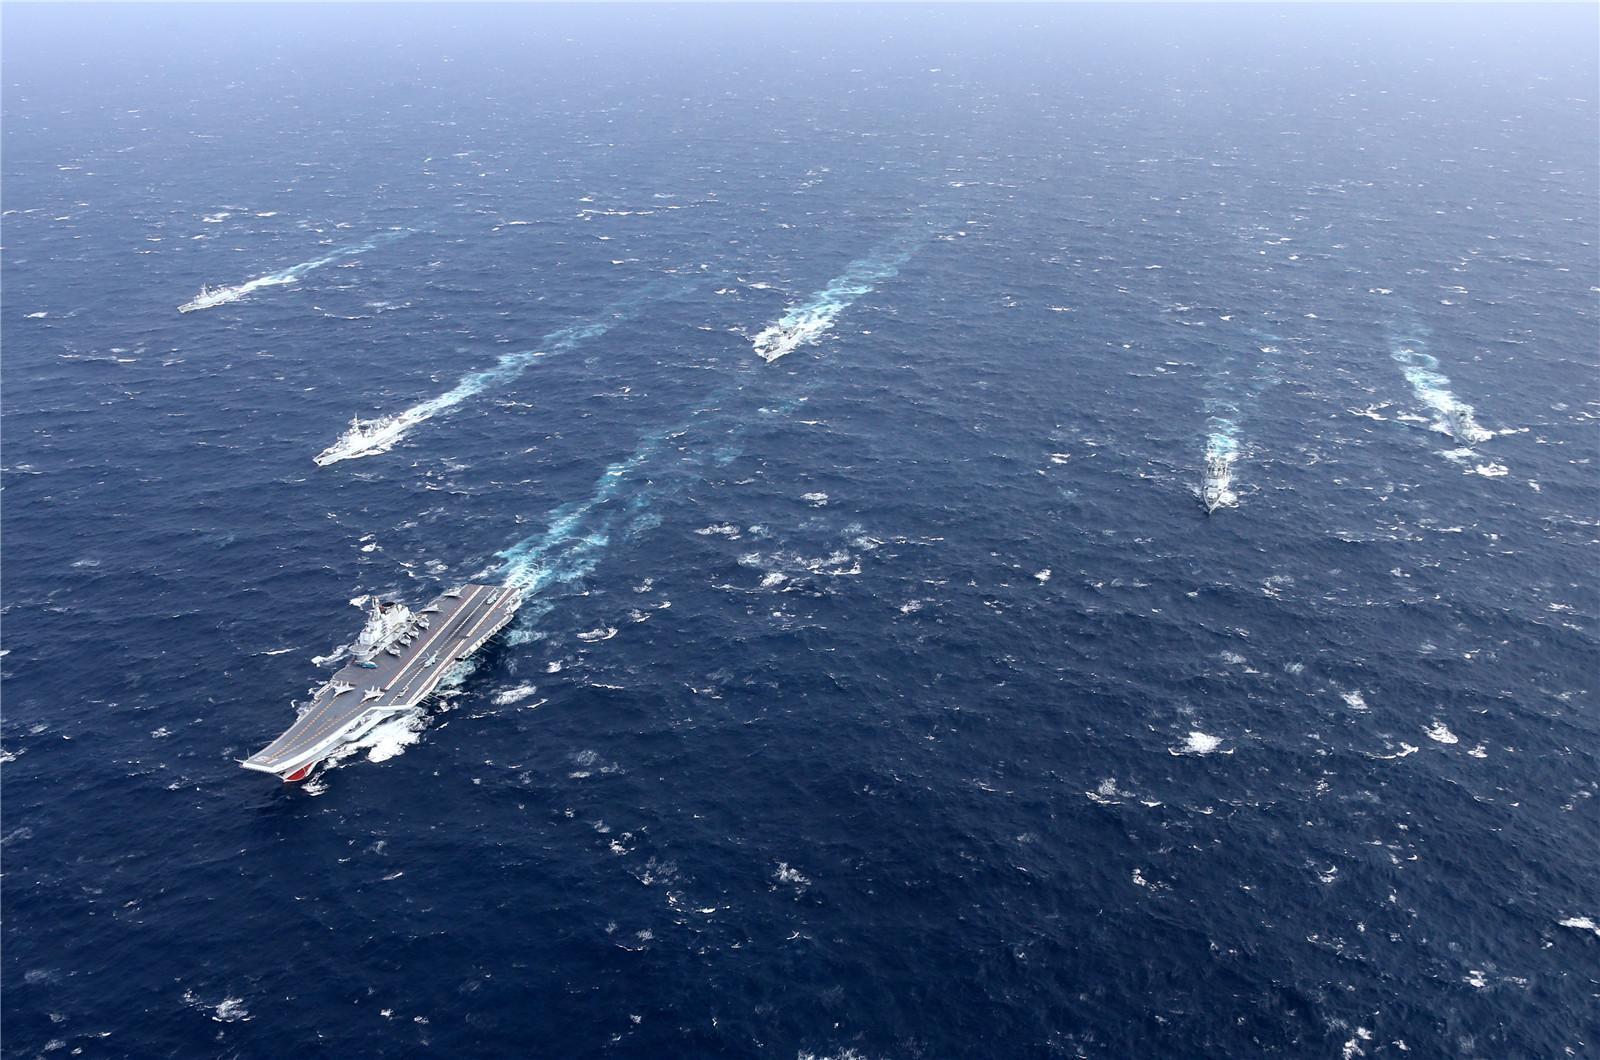 英国智库:中国军力已世界第二_搜狐军事_搜狐网